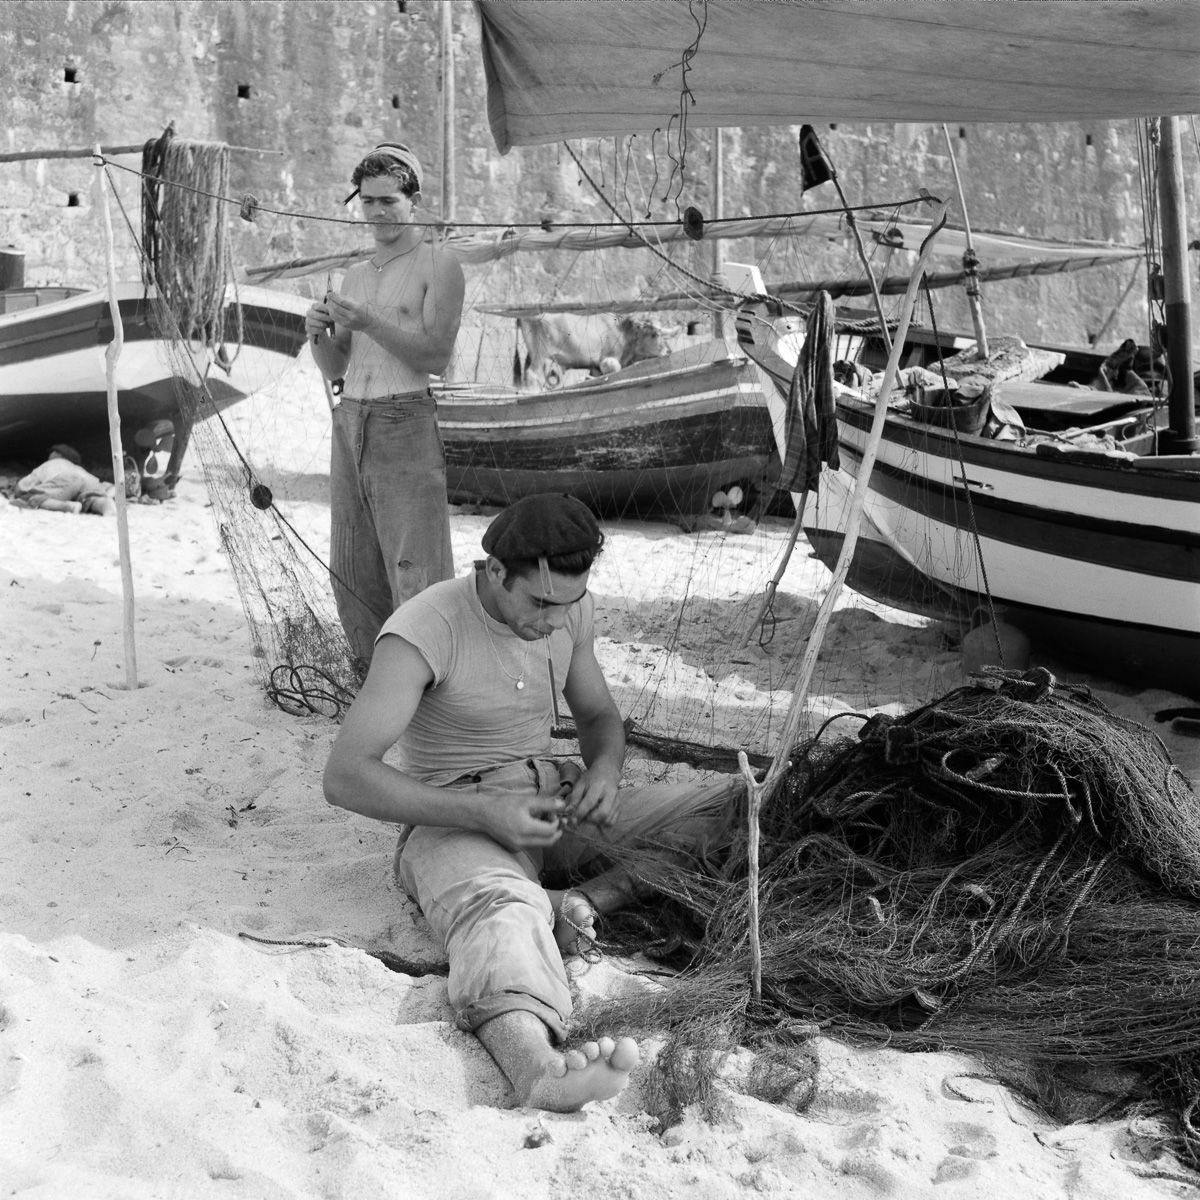 Fotografias deslumbrantes capturam a cultura da pesca dos anos 50 em Portugal 11